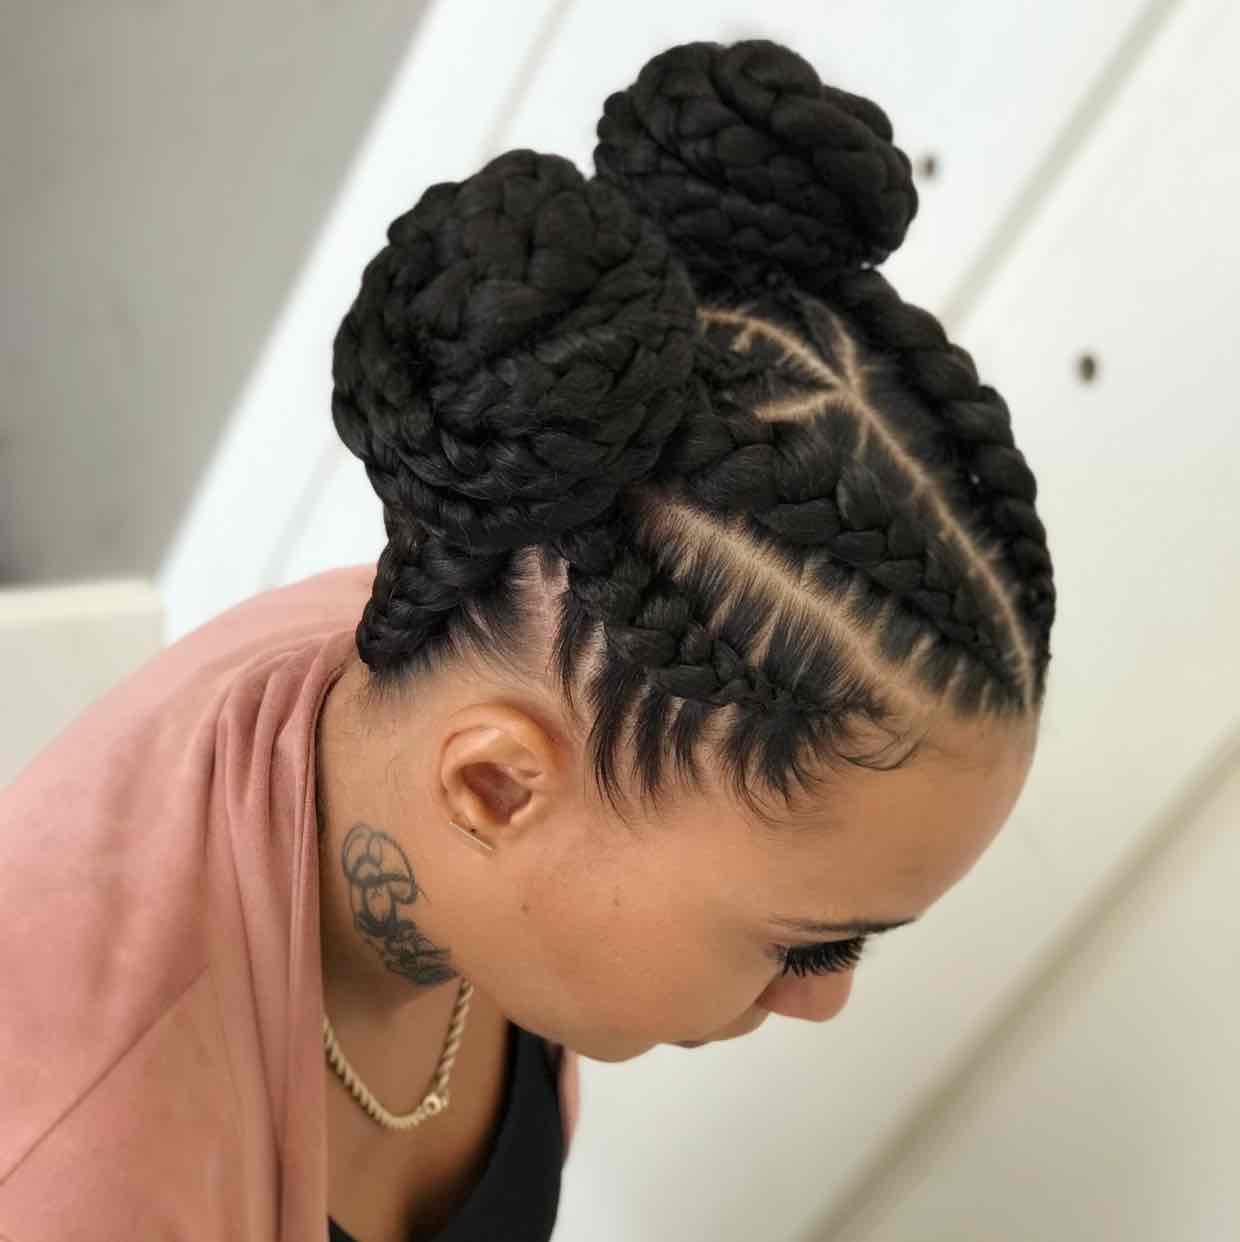 salon de coiffure afro tresse tresses box braids crochet braids vanilles tissages paris 75 77 78 91 92 93 94 95 PKACHYID